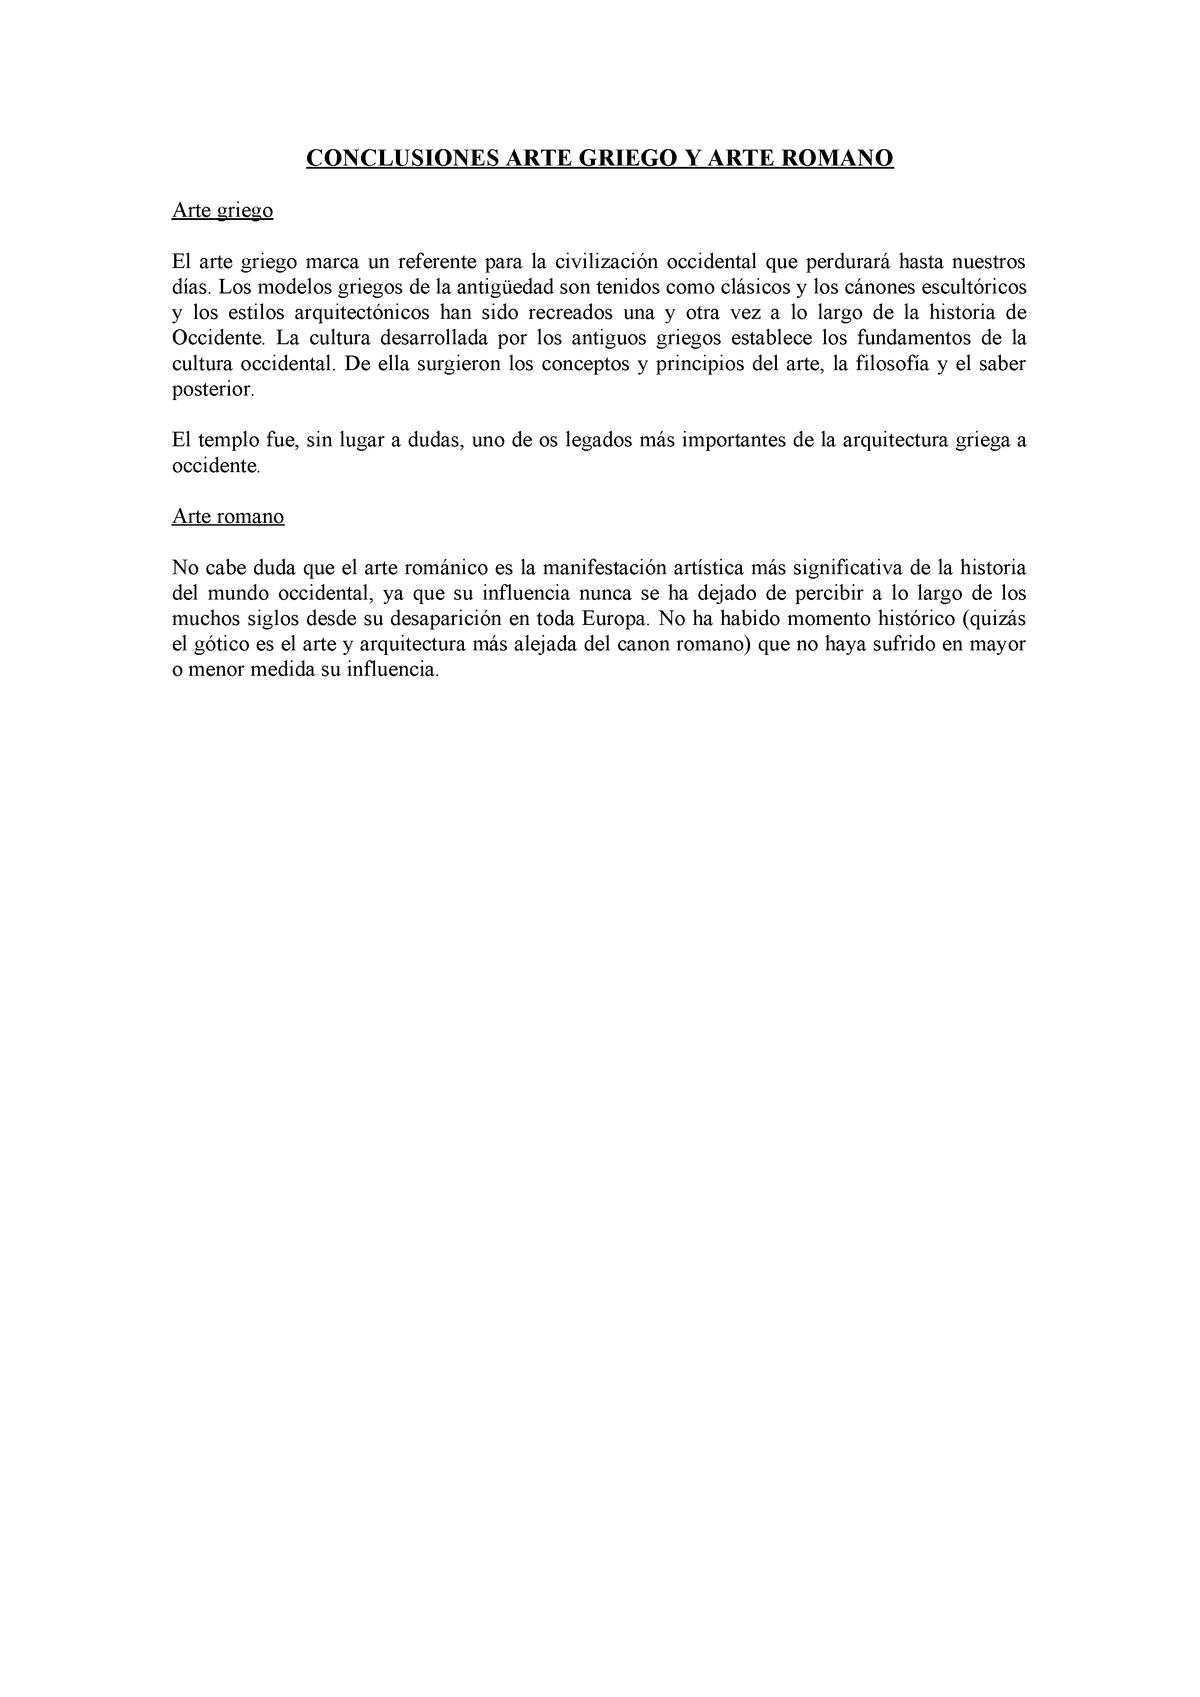 Conclusiones Arte Griego Y Arte Romano Studocu